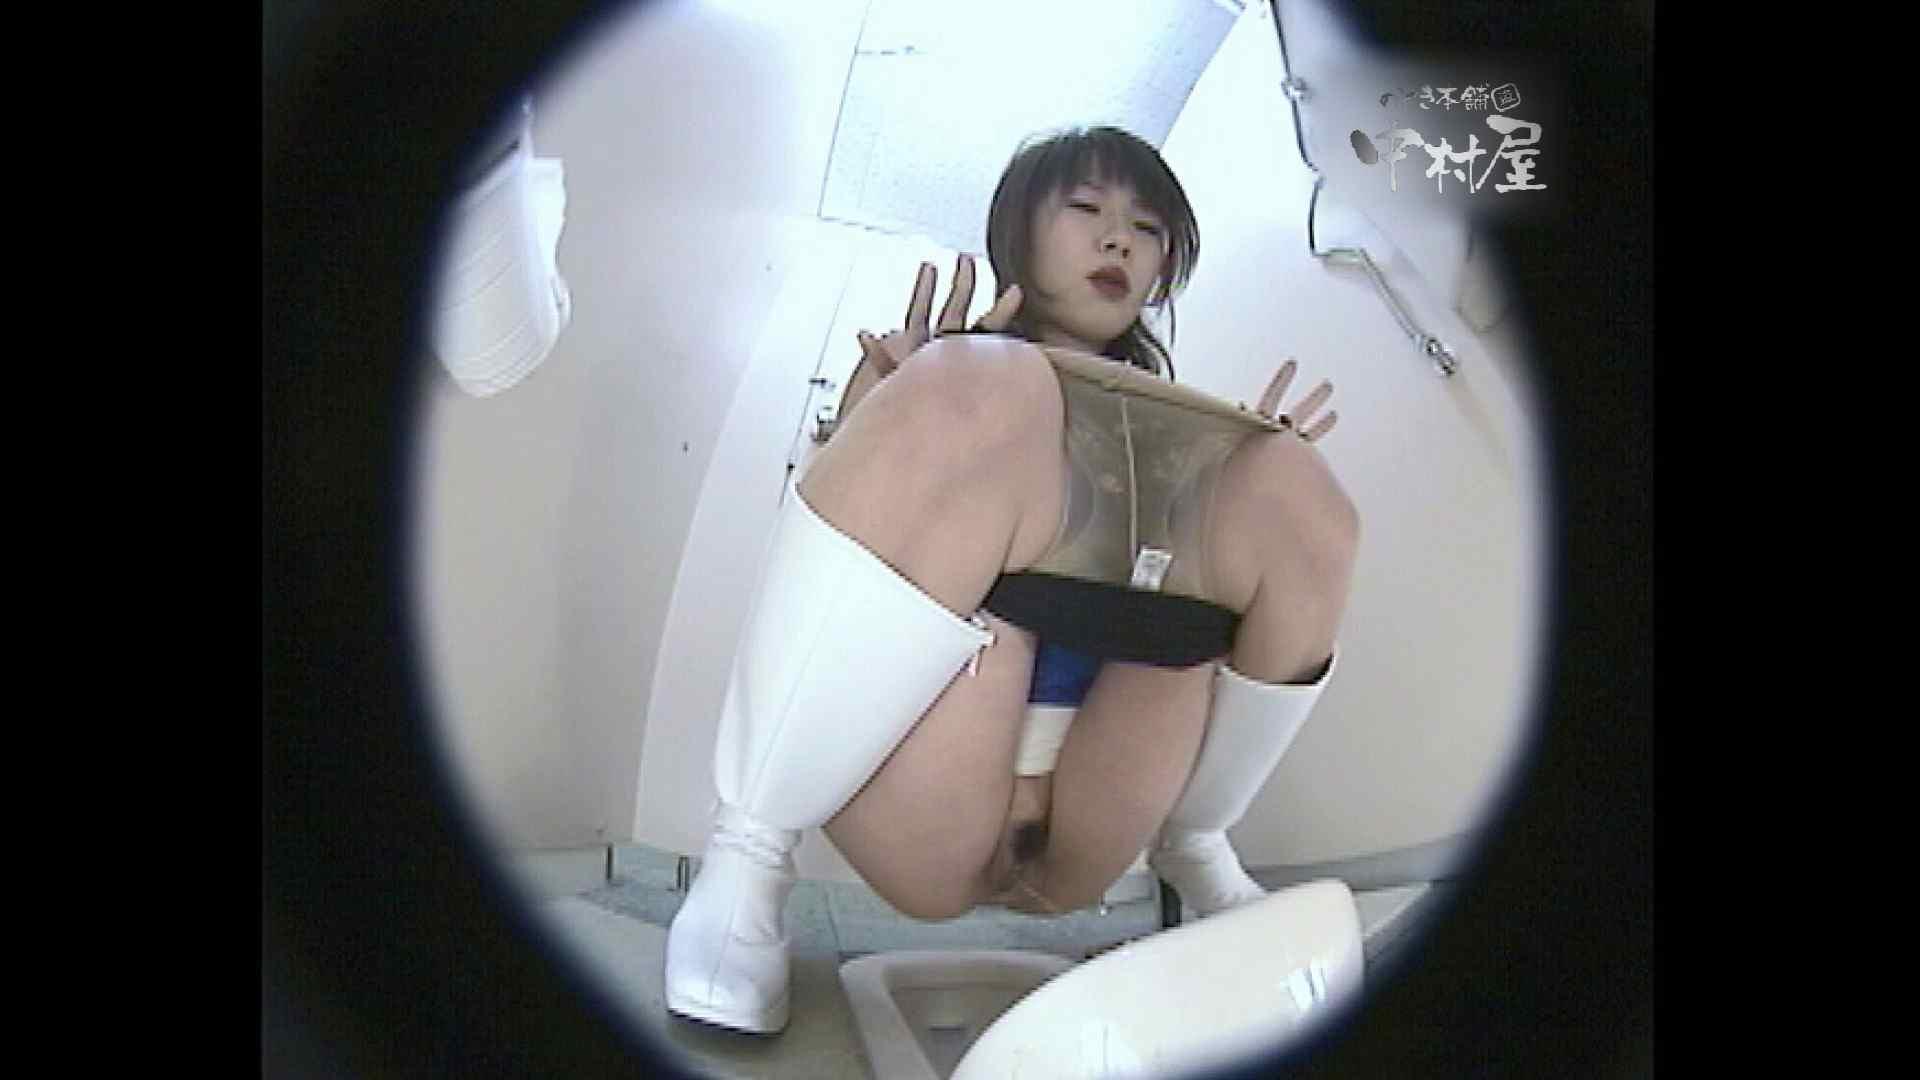 レースクィーントイレ盗撮!Vol.20 トイレ おめこ無修正画像 42連発 18